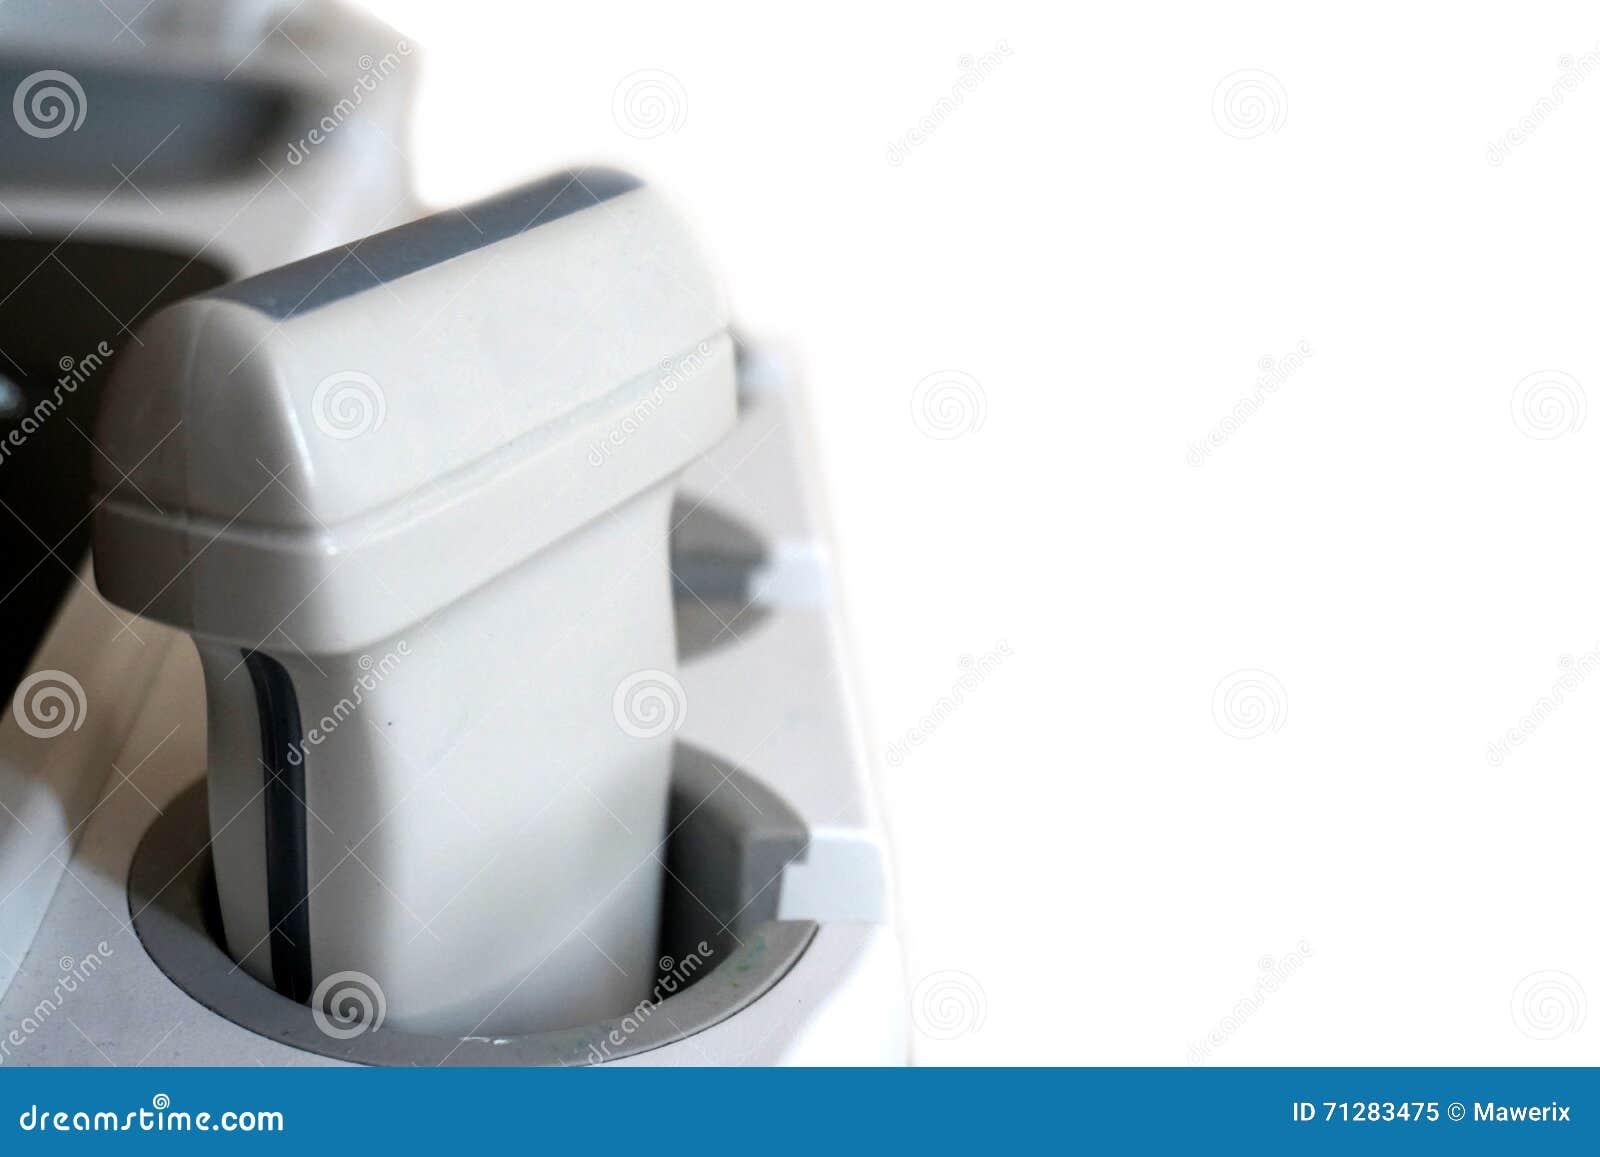 Linear ultrasound probe